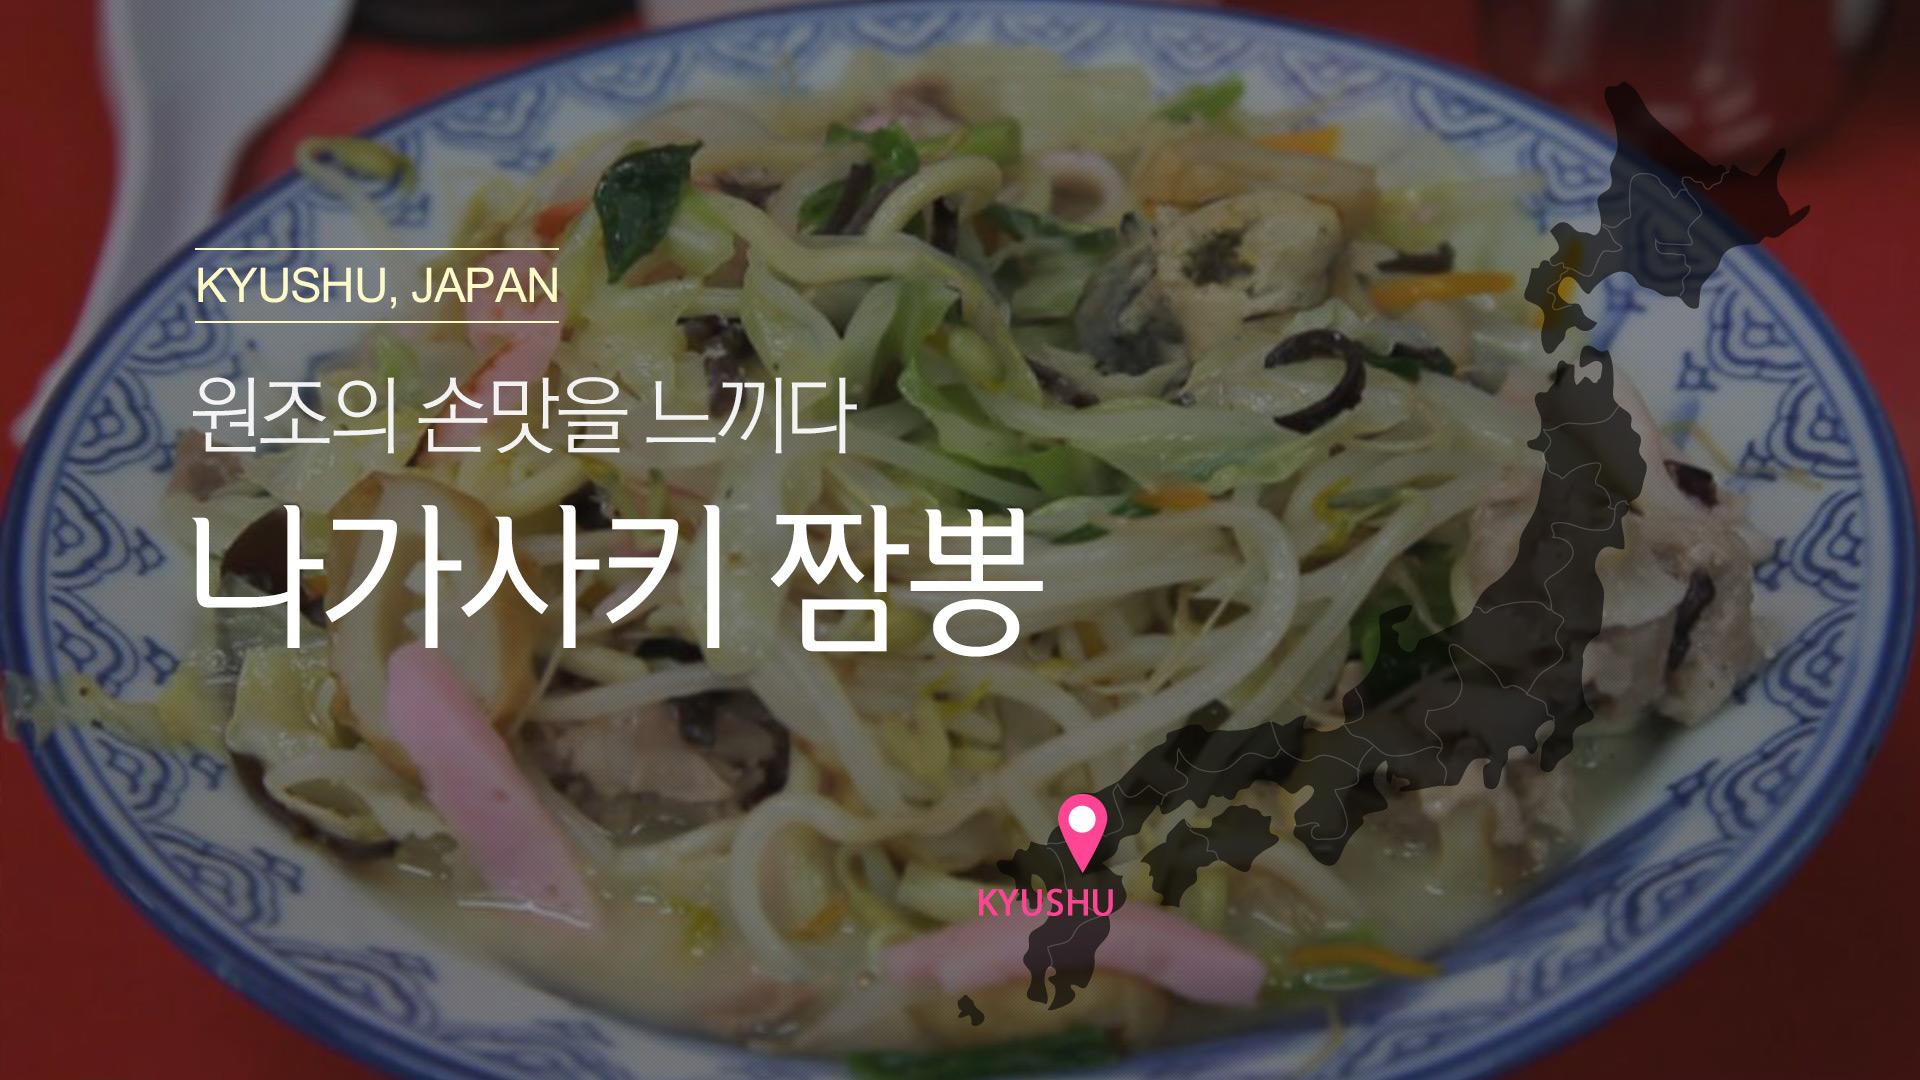 [일본] 원조의 손맛, 나가사키 짬뽕